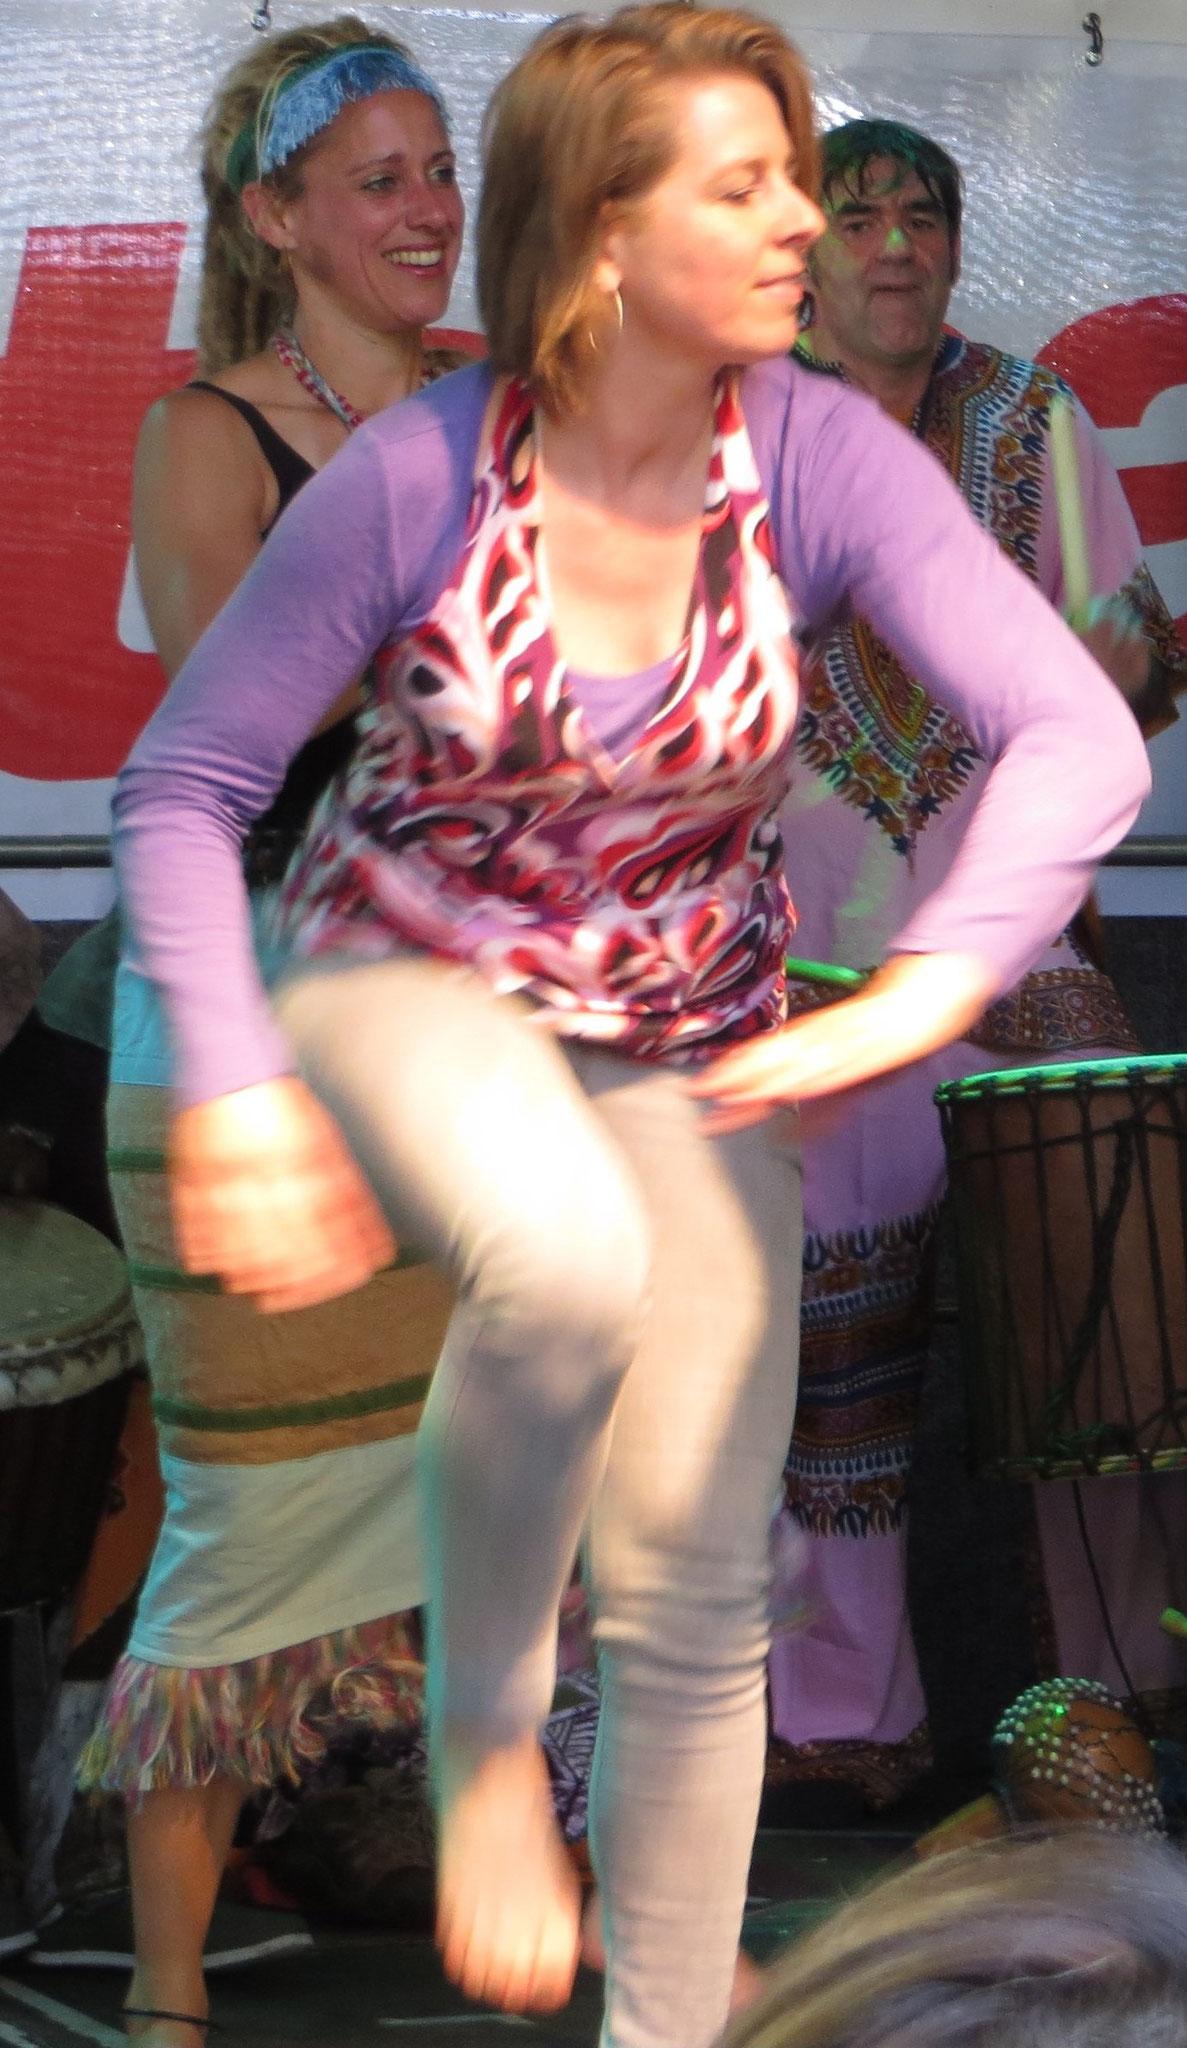 Beim Straßenfest auf die Bühne gesprungen, um ein Solo zu tanzen.